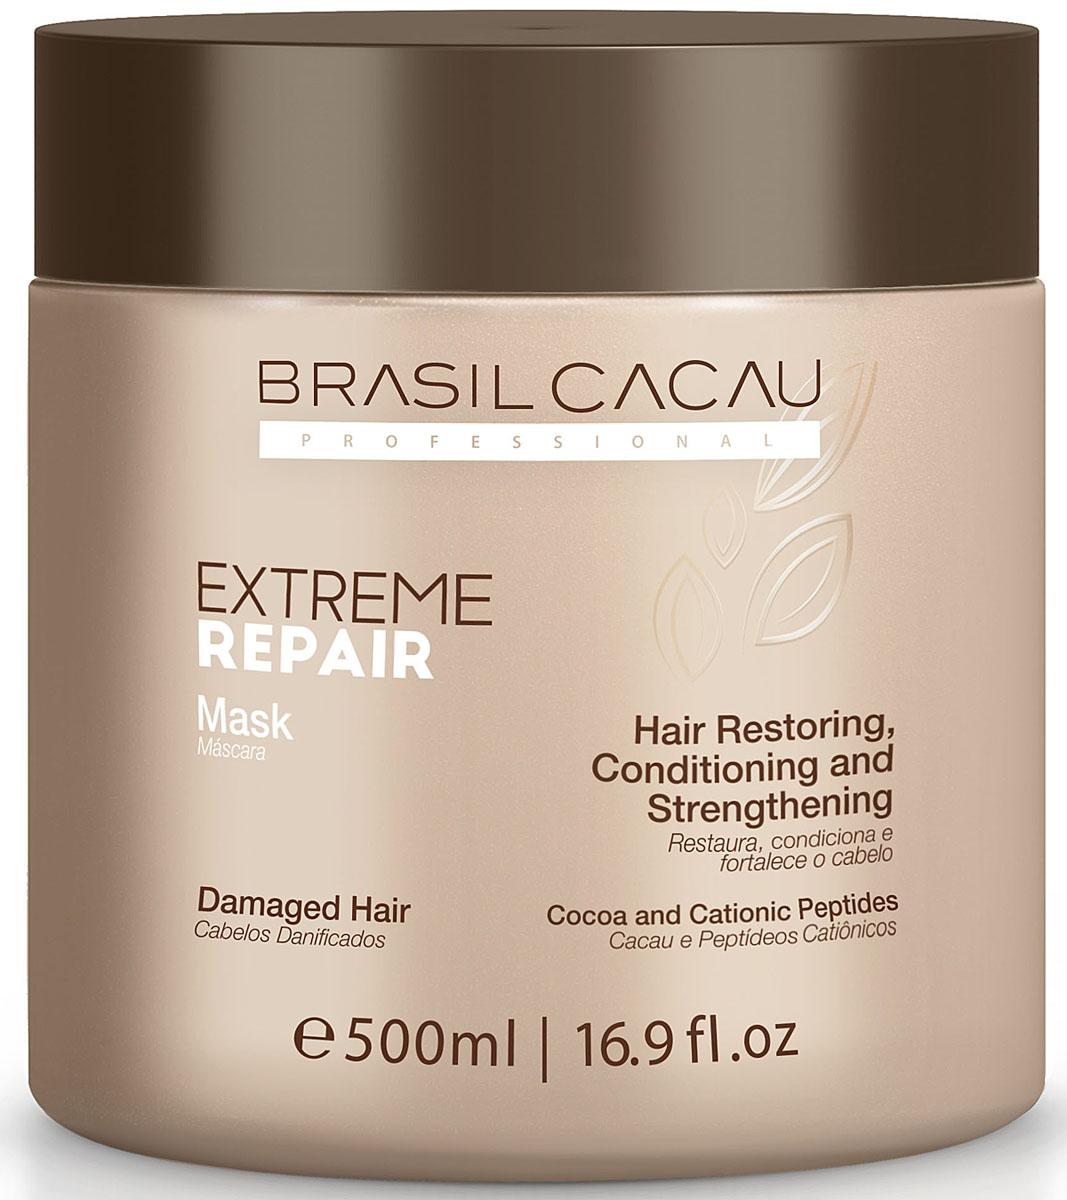 Brasil Cacau Маска Extreme Repair 500 мл12441Интенсивно восстанавливает структуру волоса, питает и запечатывает кутикулу, снижая пористость. Работает в кутикуле и кортексе волоса, возмещает ущерб , причиненный в результате механических, химических и тепловых процессов. Катионные пептиды образуют защитный слой вокруг волокна ,увеличивая прочность, гибкость, увлажнение и блеск волос.